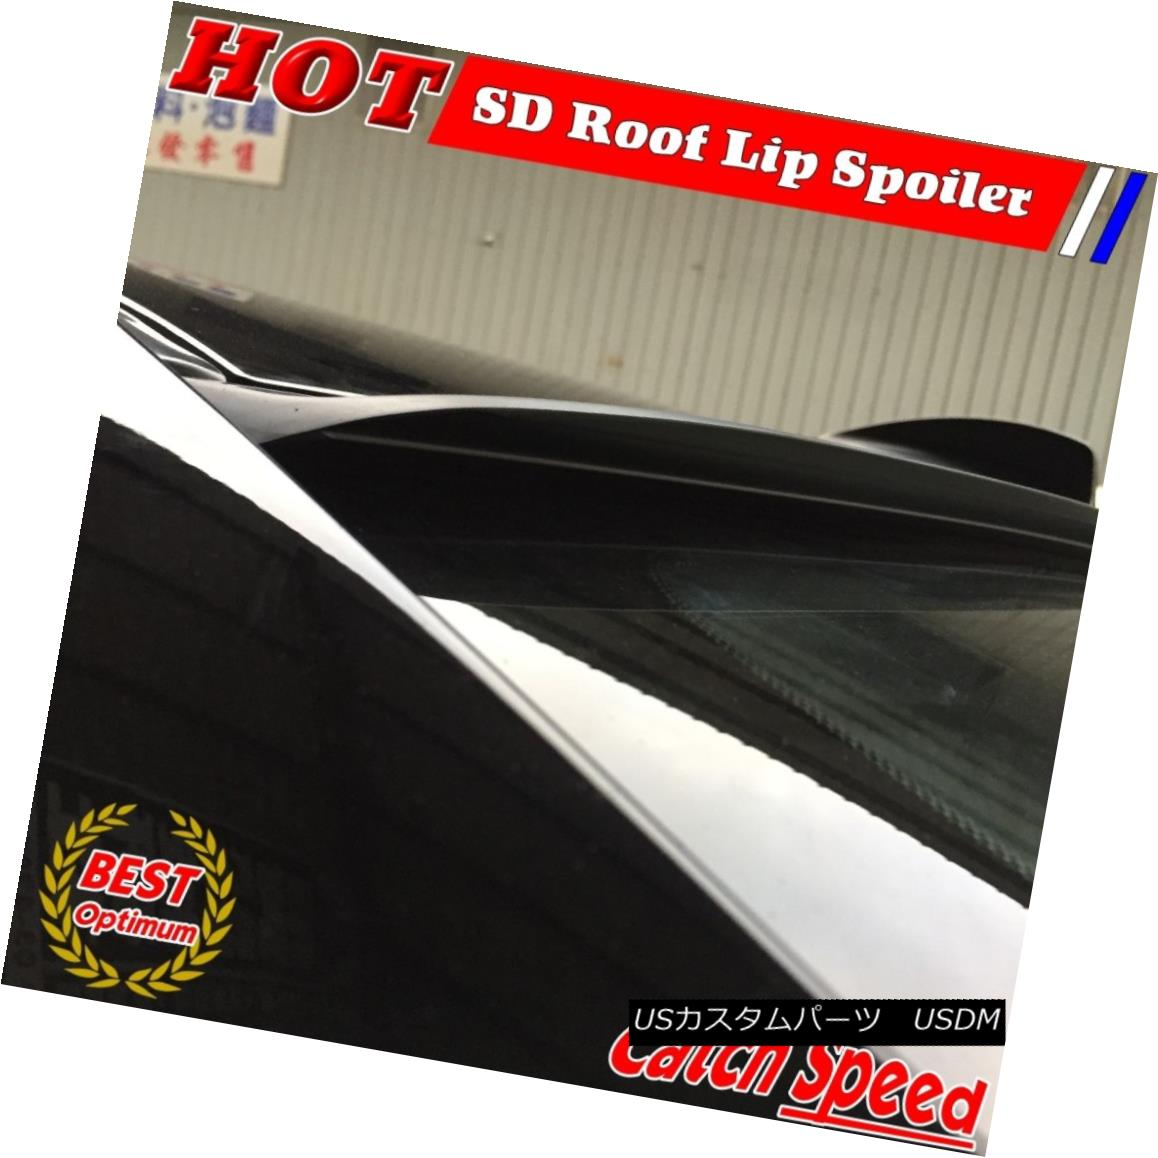 エアロパーツ Flat Black SD Style Rear Roof Spoiler Wing For Ford Fusion 2006~2009 Sedan フォードフュージョン用フラットブラックSDスタイルリアルーフスポイラーウィング2006?2009セダン